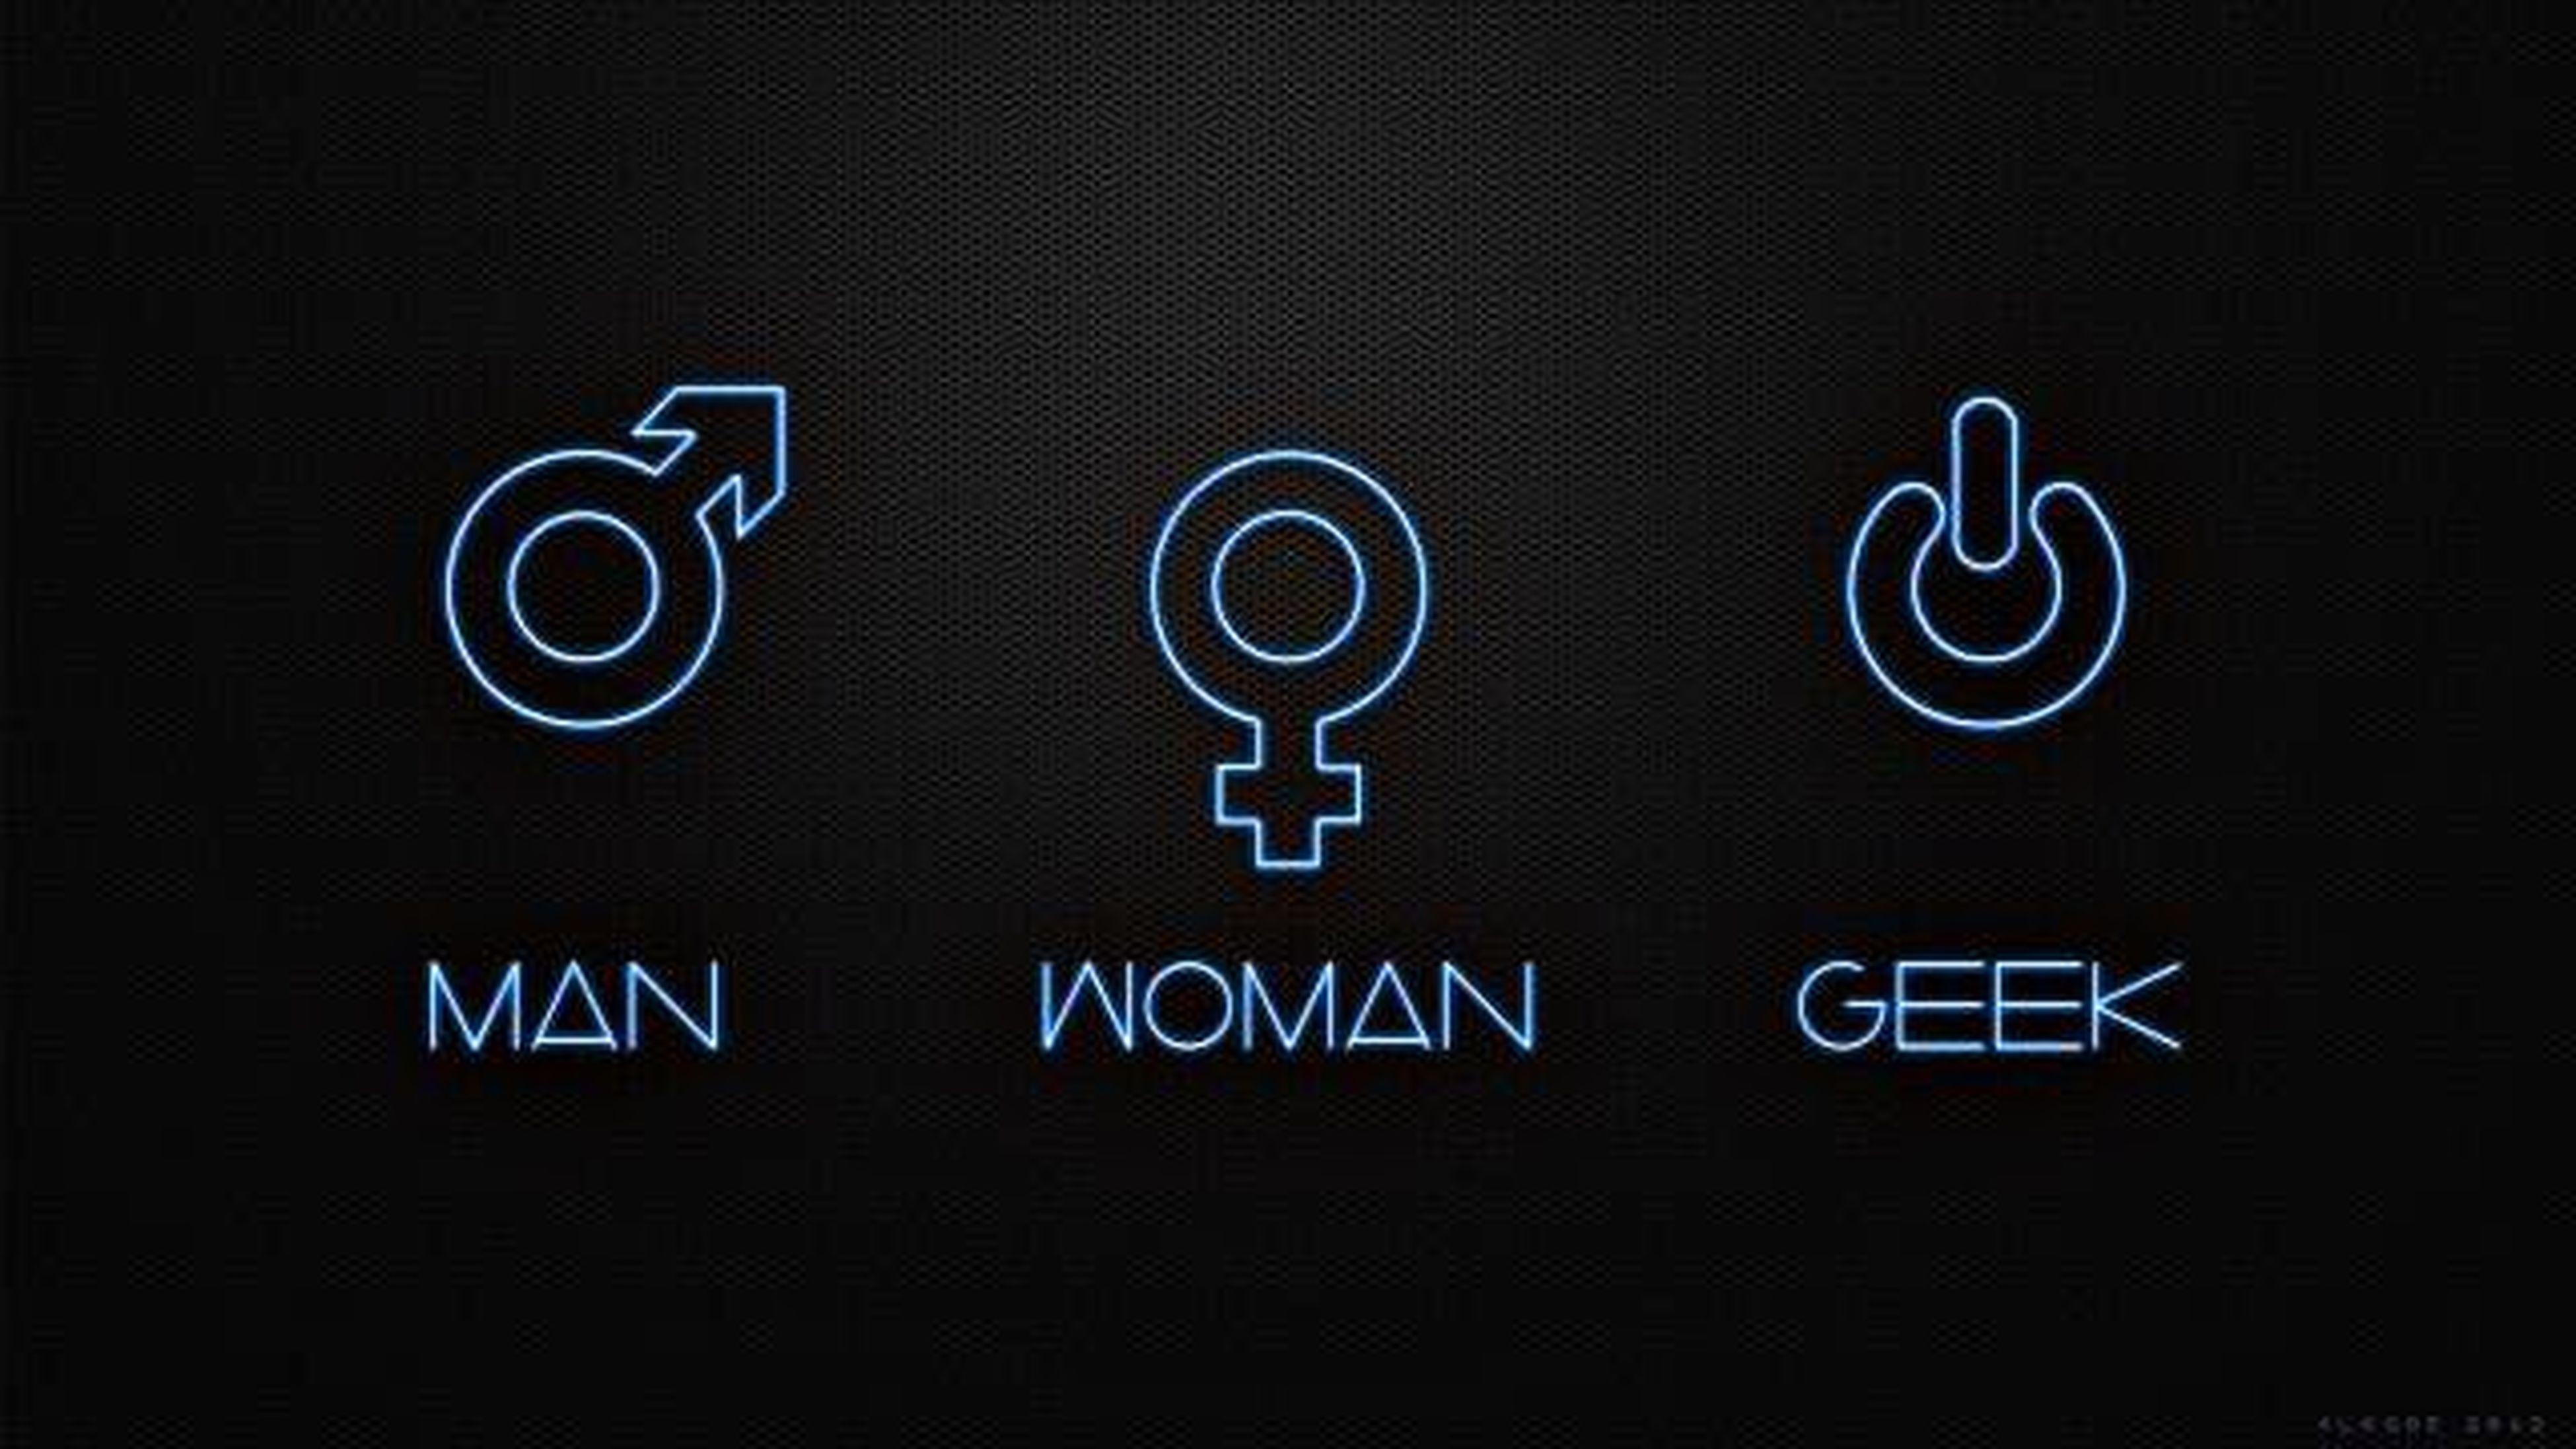 Geek [ɡiːk]